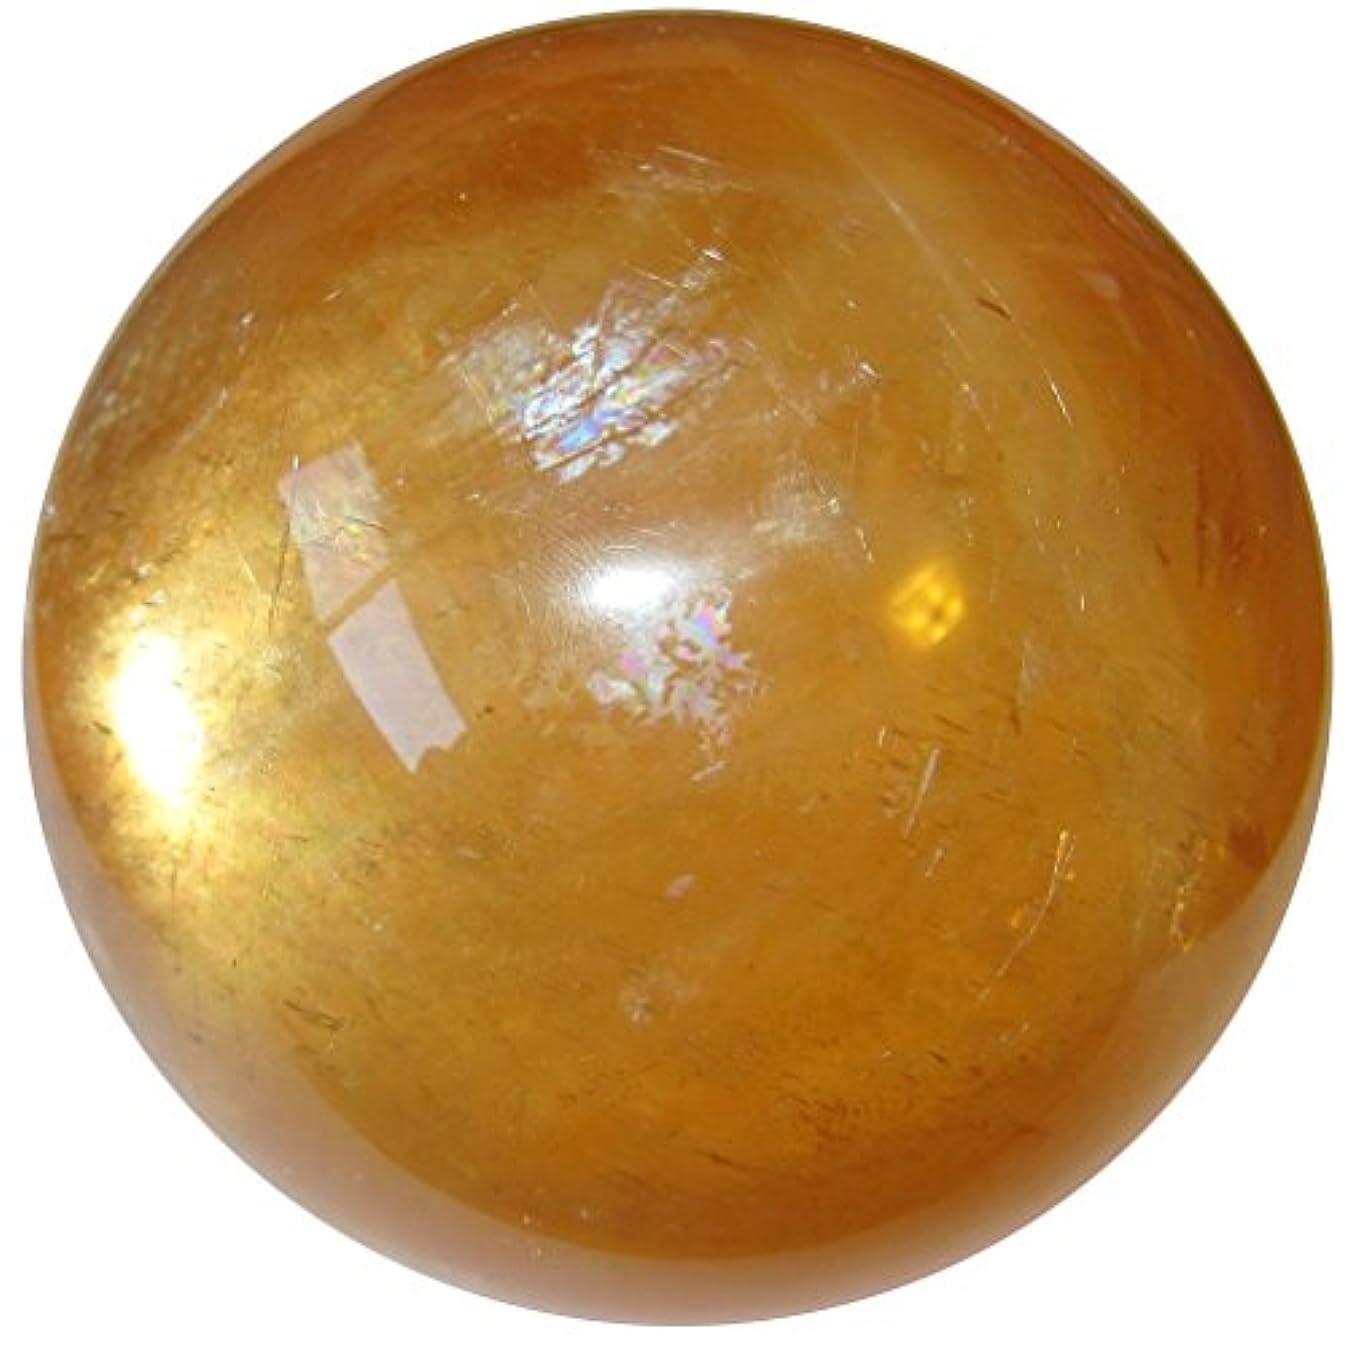 元気な上下するドナーCalciteオレンジボール3.4